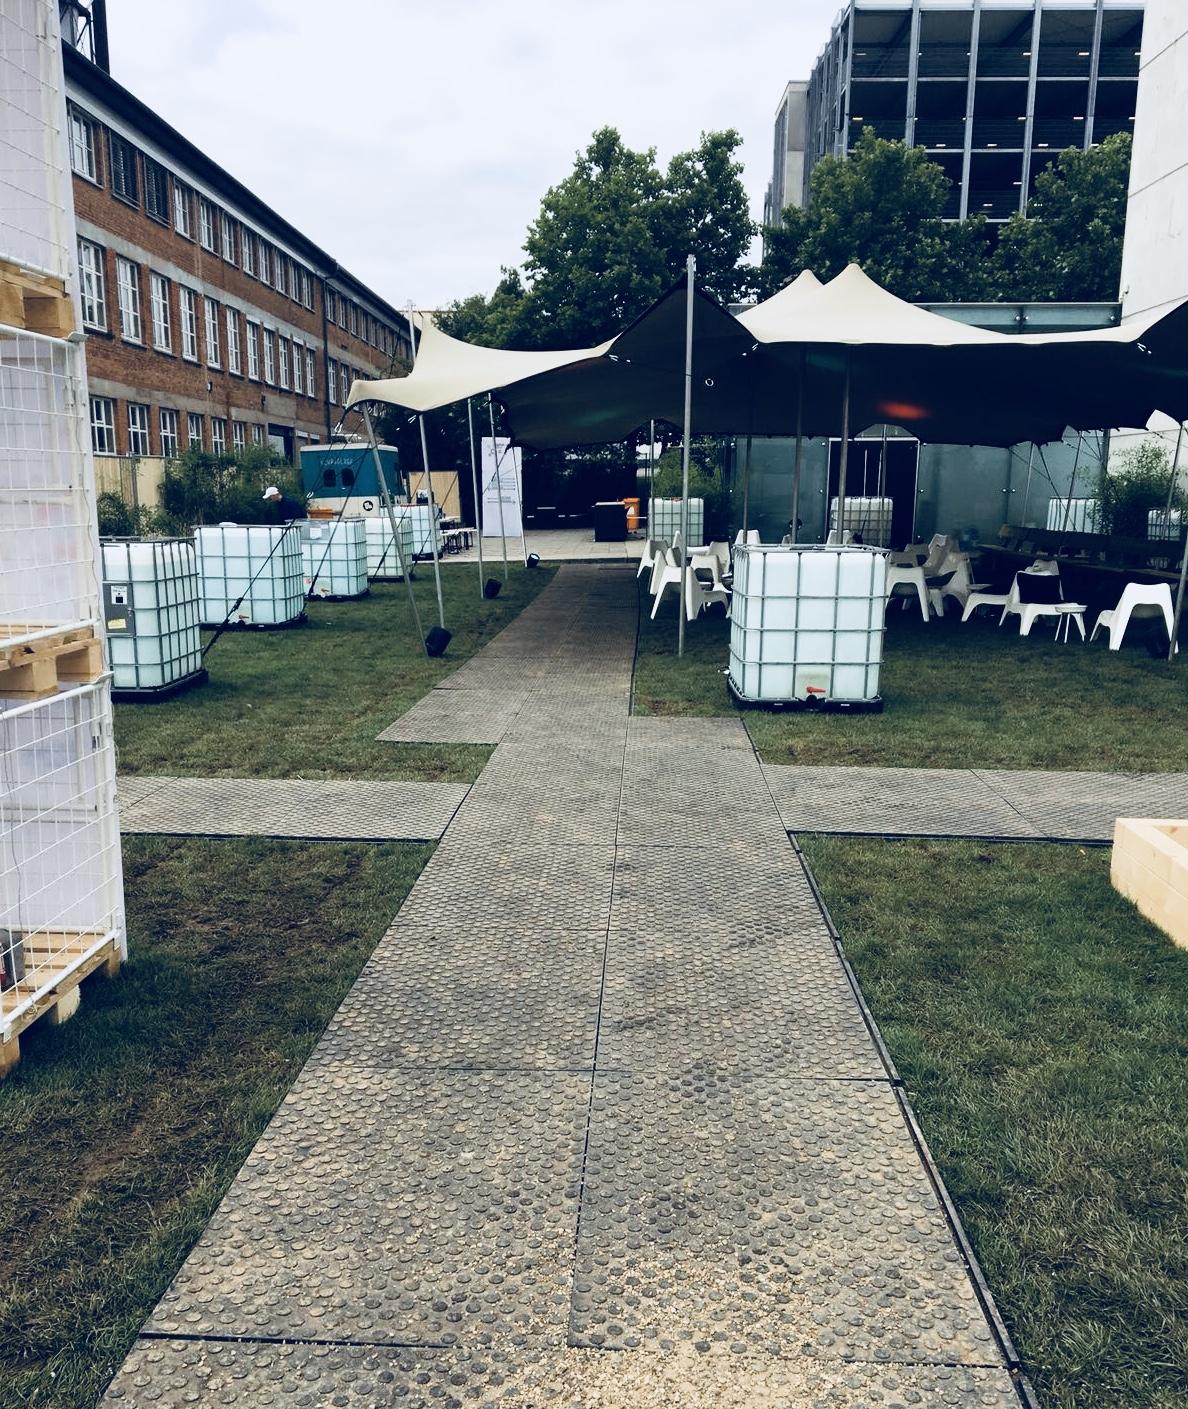 bodenschutz-rasenschutz-remopla-stuttgart-stadtion-vfb-aufbau-abbau-stagehand-schutz-temporaerebodenschutz-veranstaltung-event-konzert-festival-sommer-mhpfesival